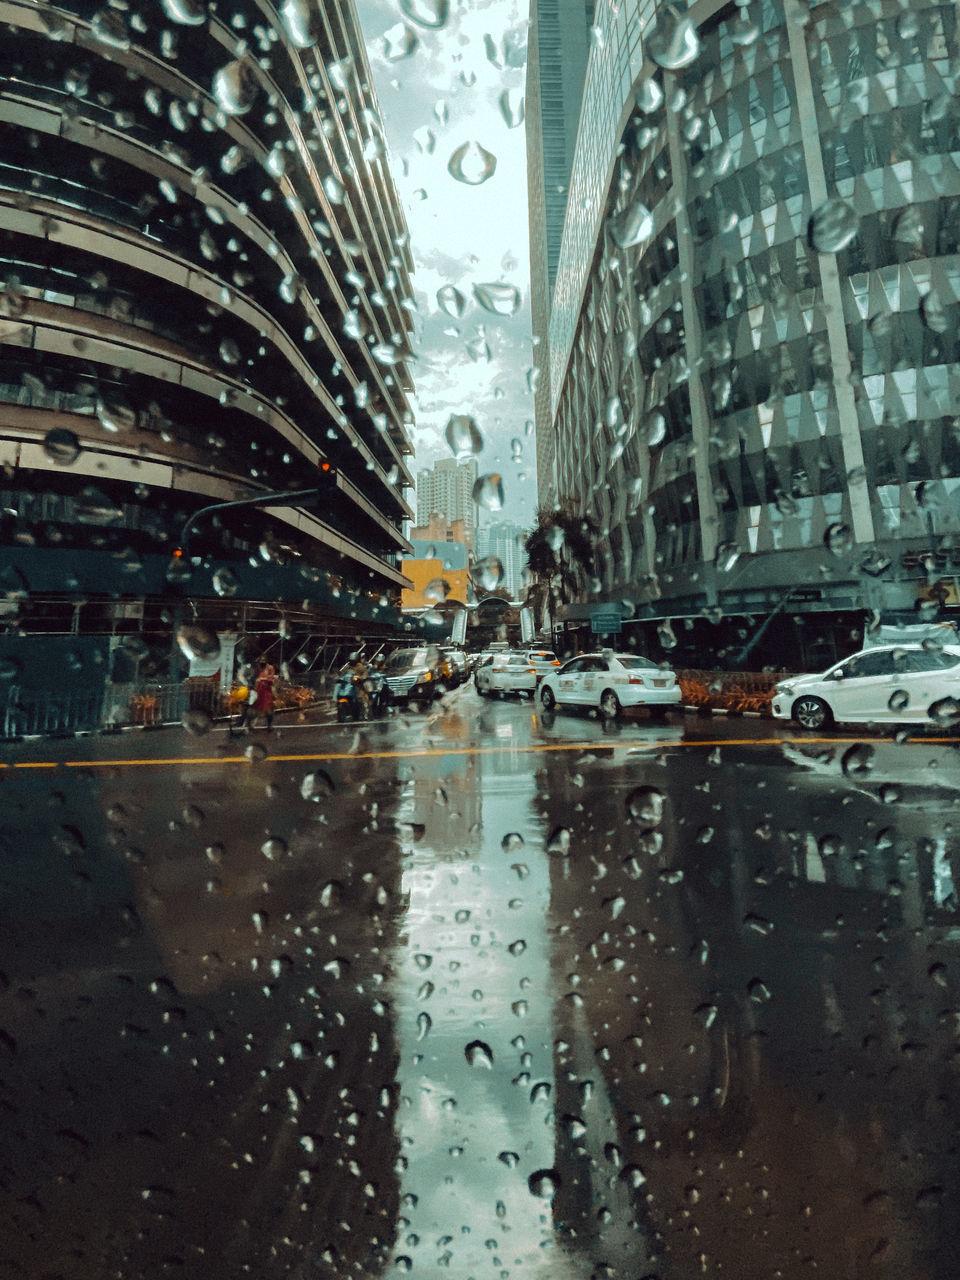 CITY STREET SEEN THROUGH WET WINDOW